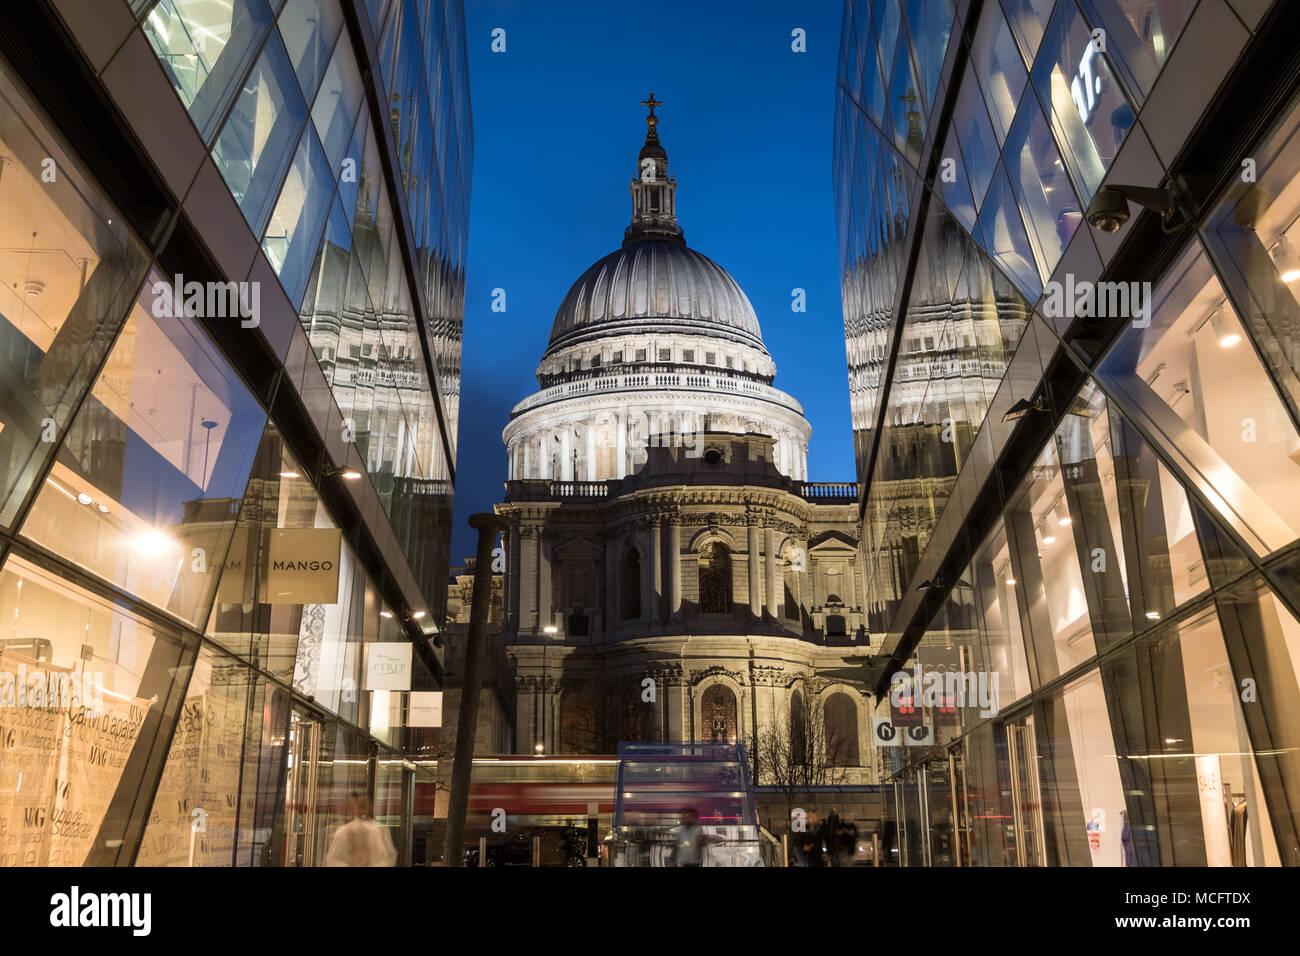 Blick auf die Kuppel der St. Paul's Kathedrale. An der Blauen Stunde von einem Neuen Change, London UK fotografiert. Stockbild